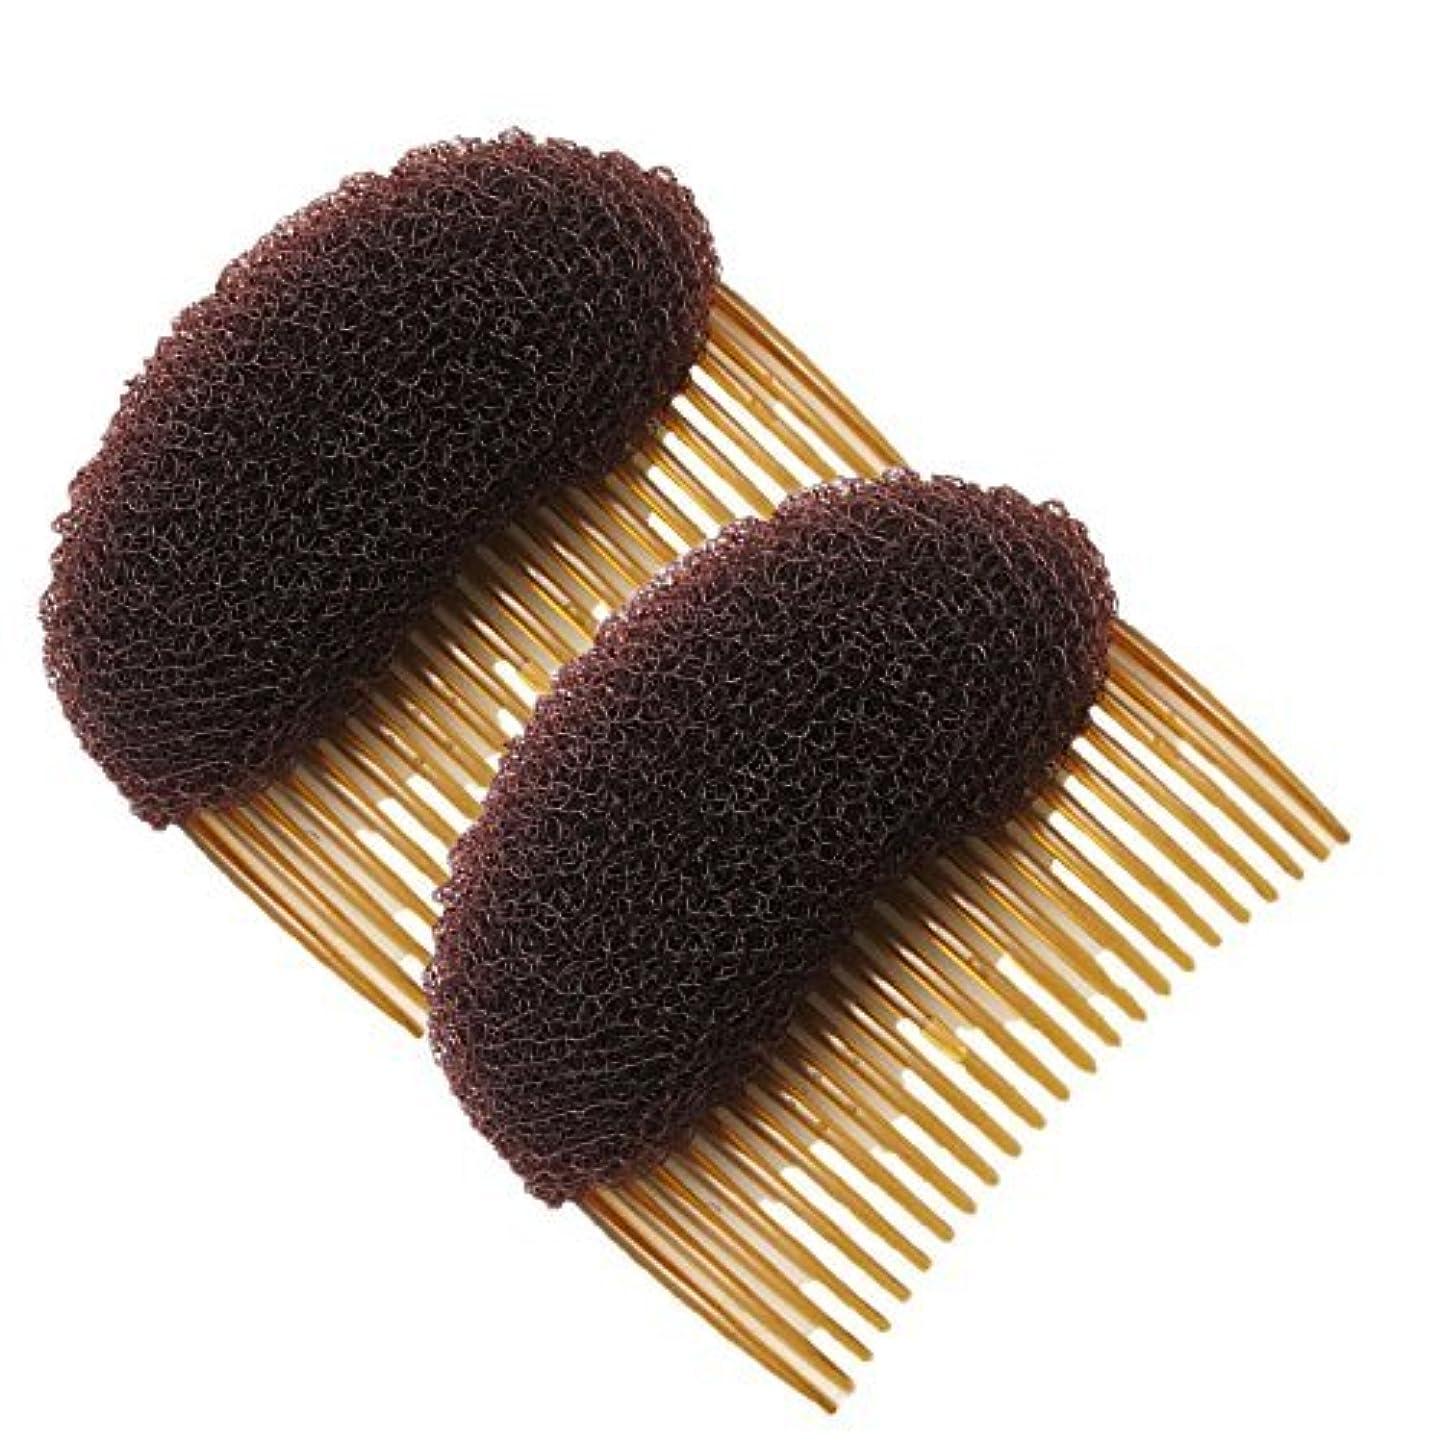 悲惨かんがい異議Healtheveryday?2PCS Charming BUMP IT UP Volume Inserts Do Beehive hair styler Insert Tool Hair Comb Black/Brown...